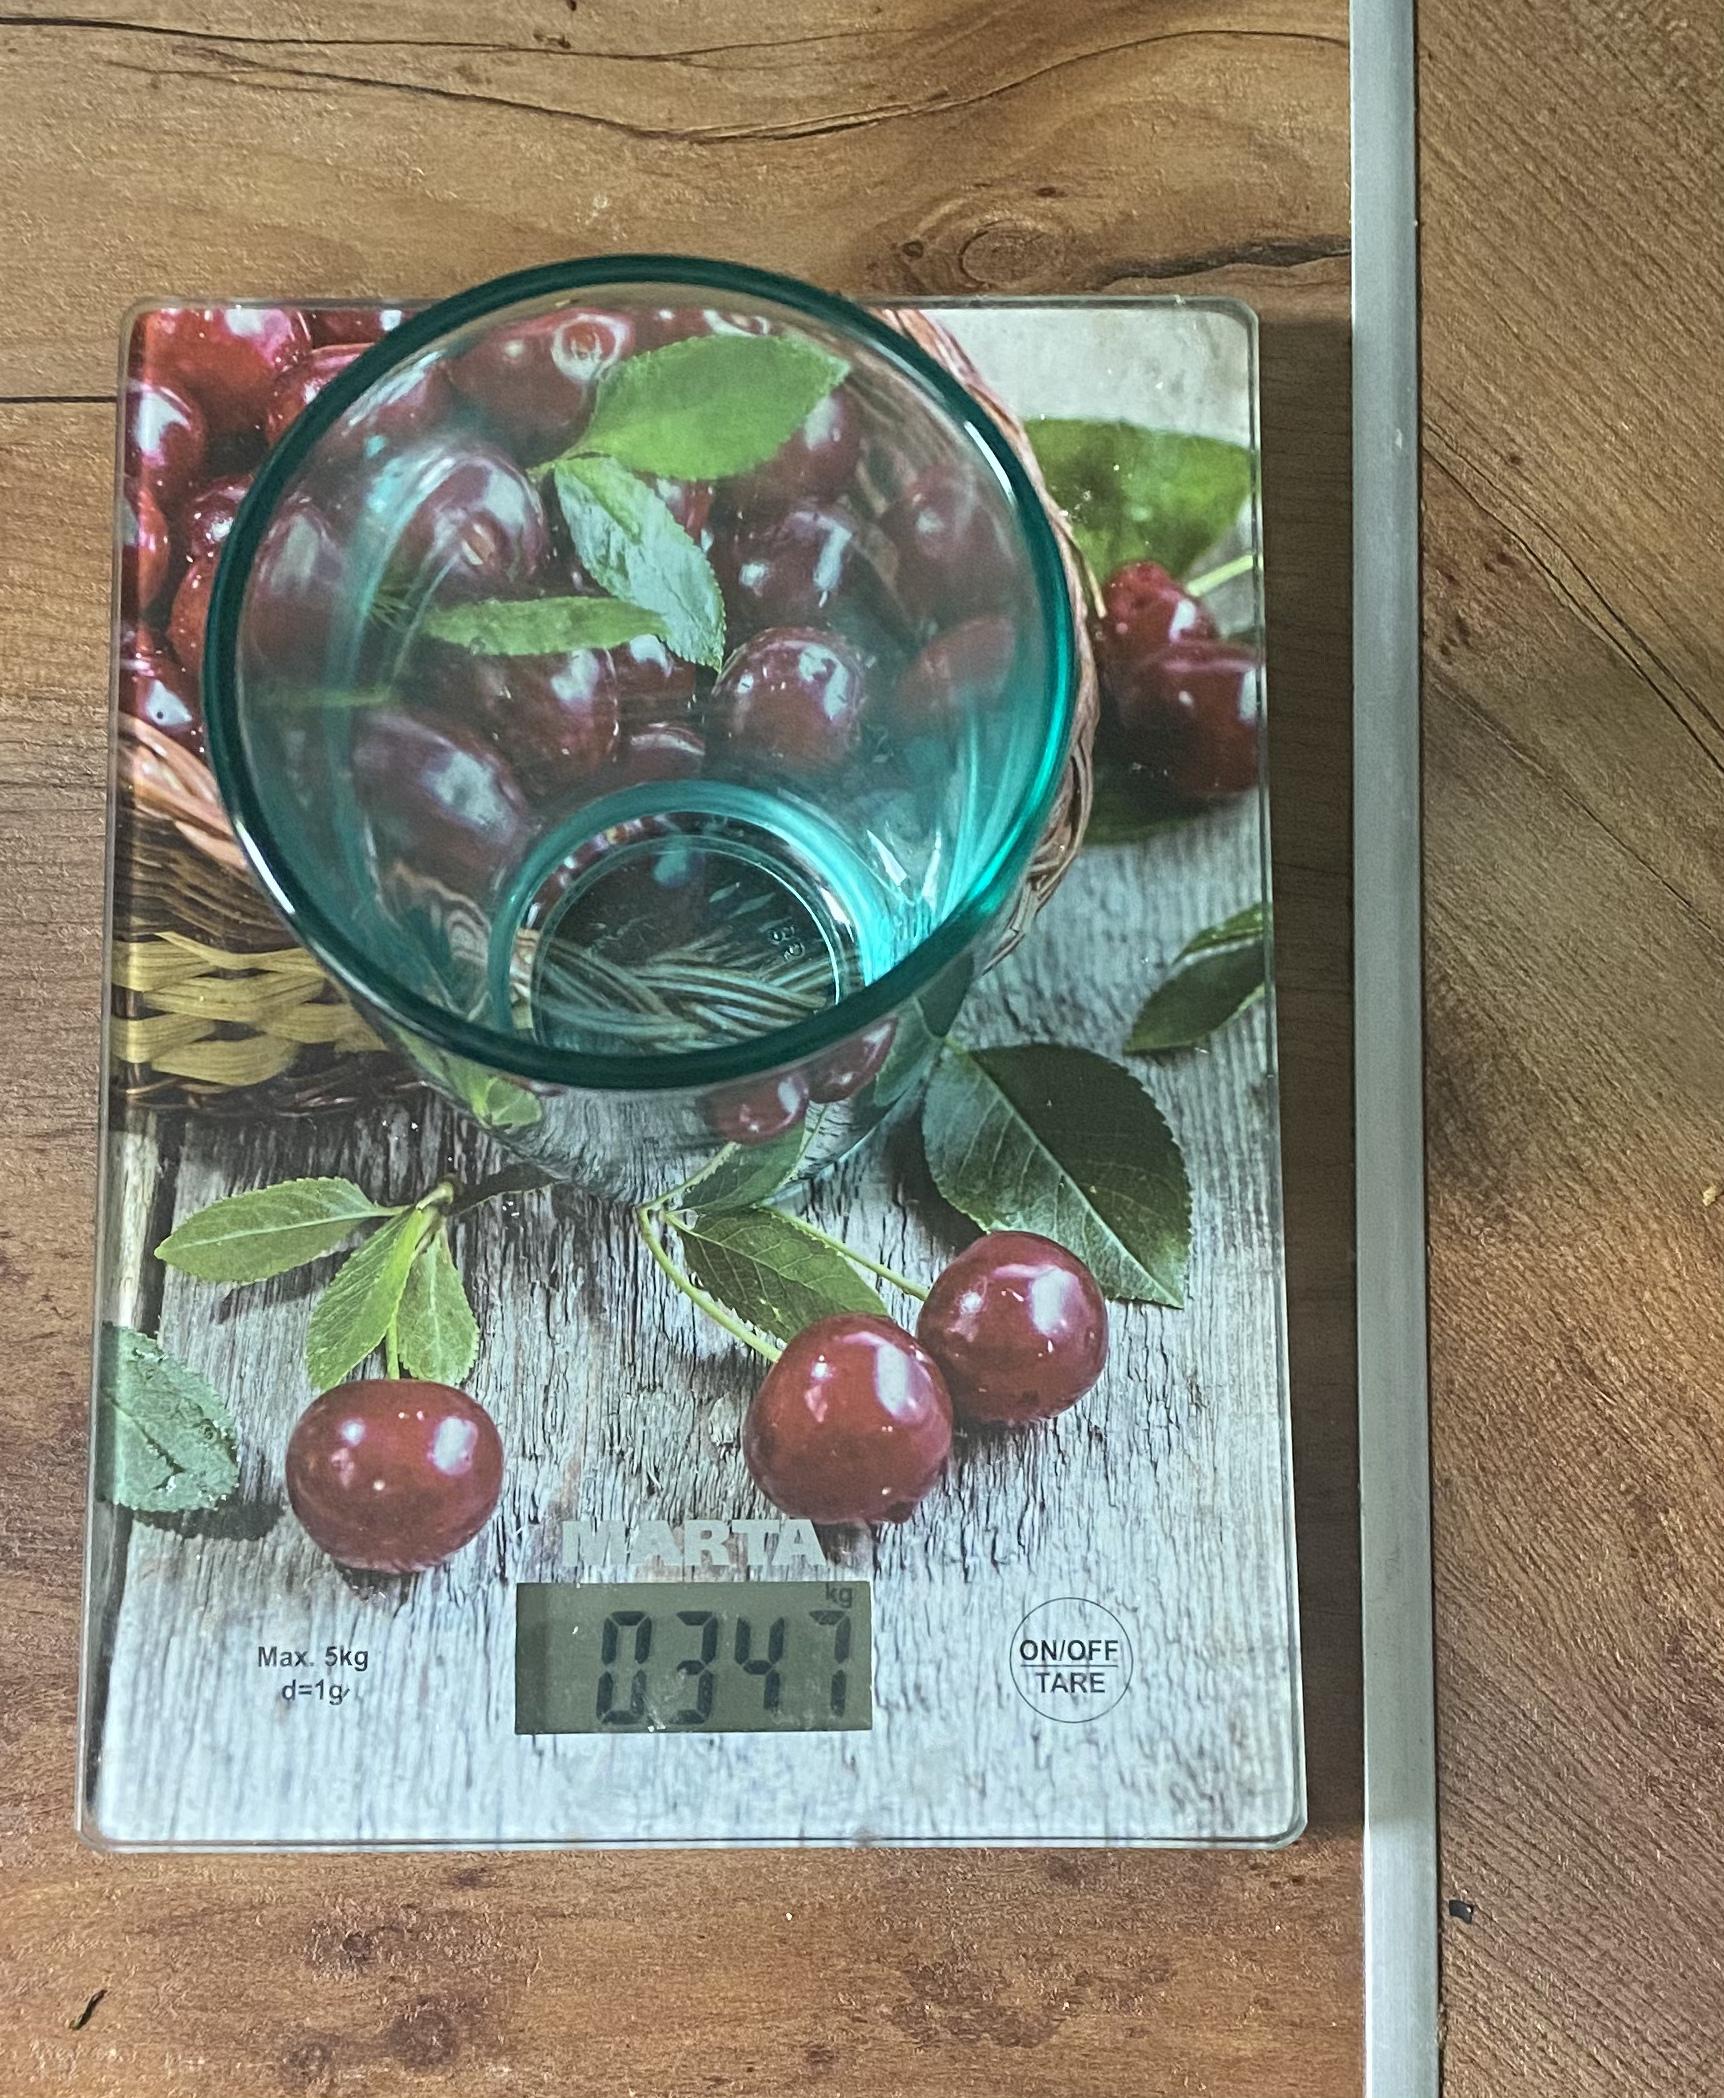 вес фирменного стеклянного стакана из Макдональдса